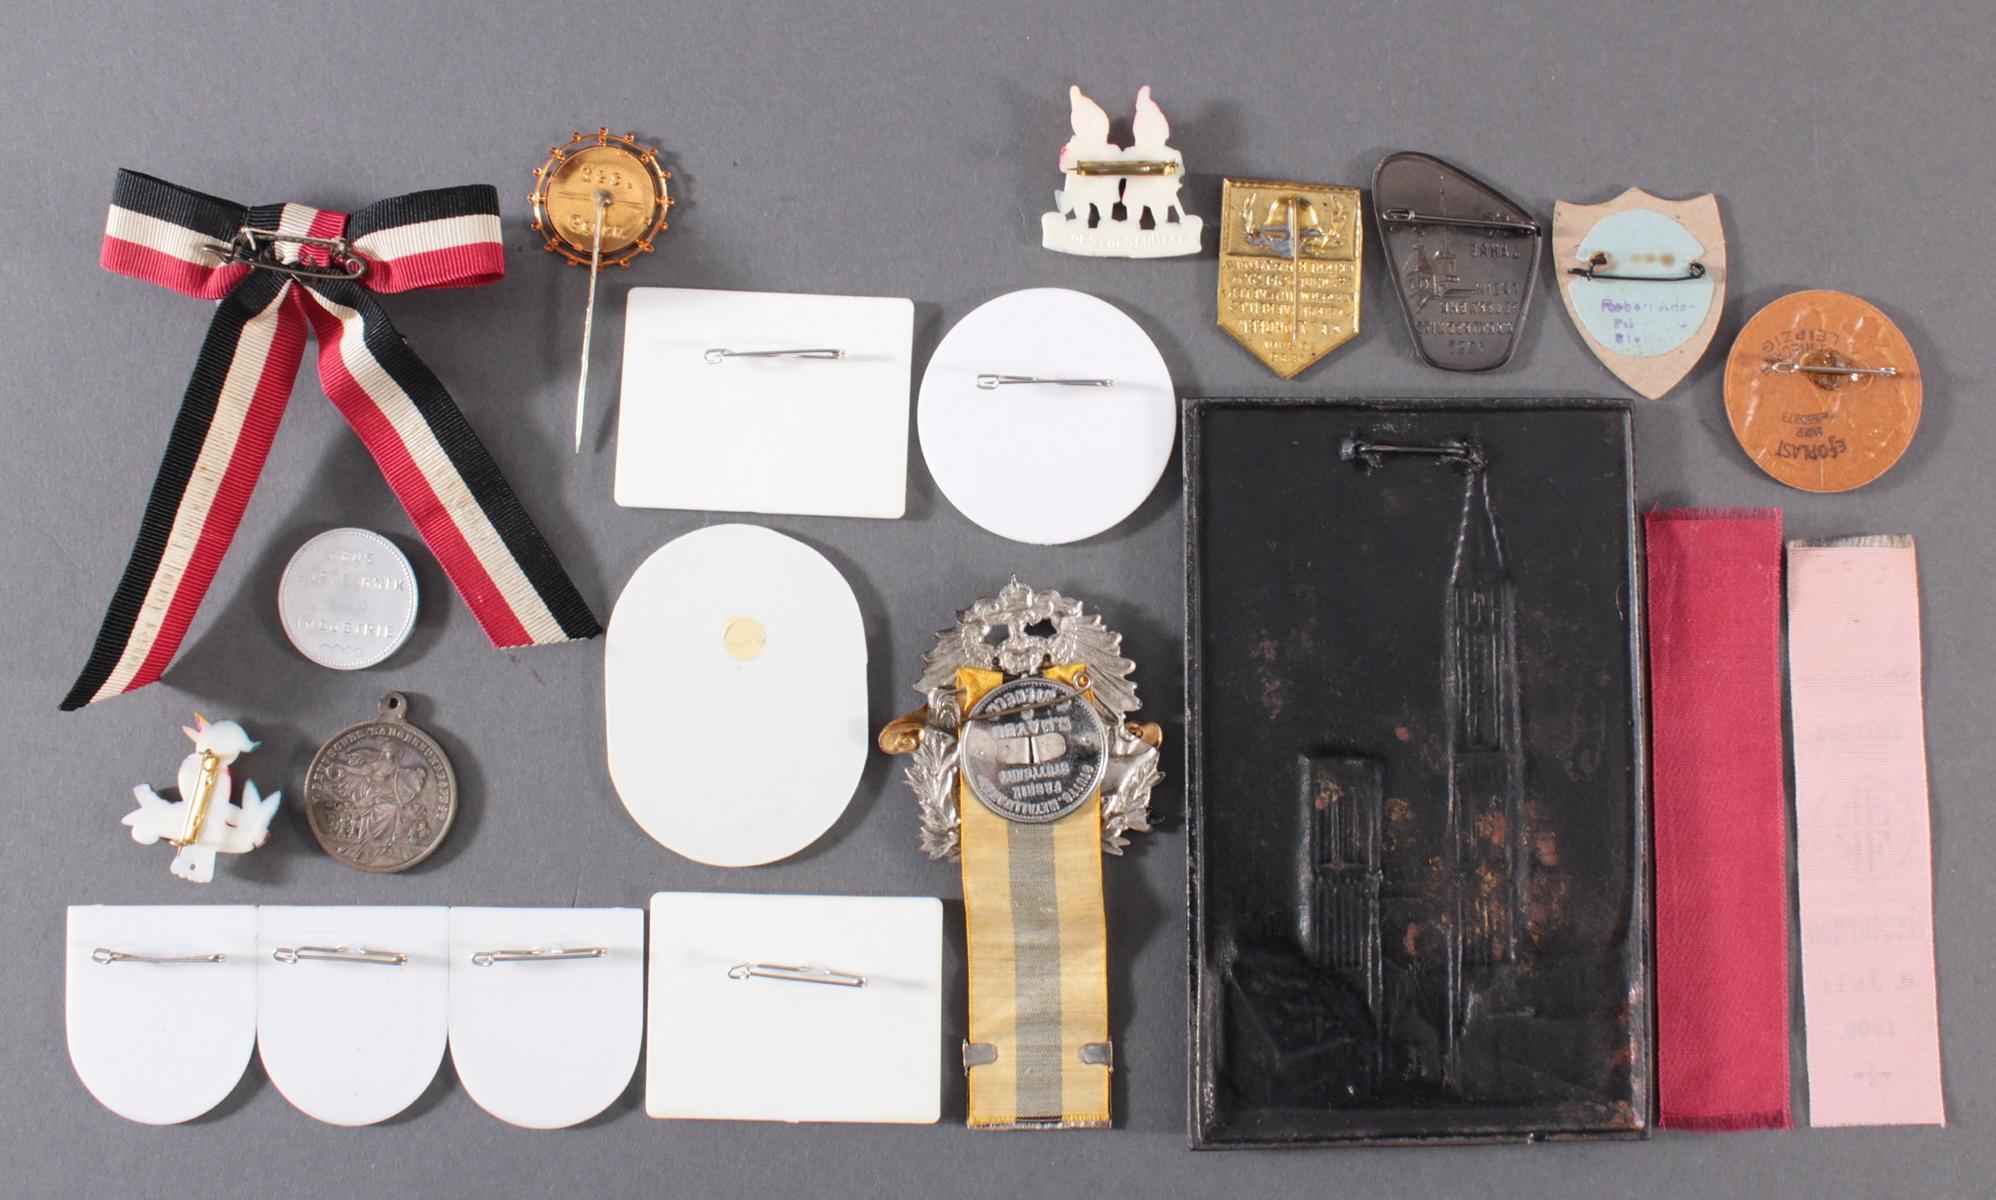 20 Tagungs- und Veranstaltungsabzeichen, Memorabilia-2